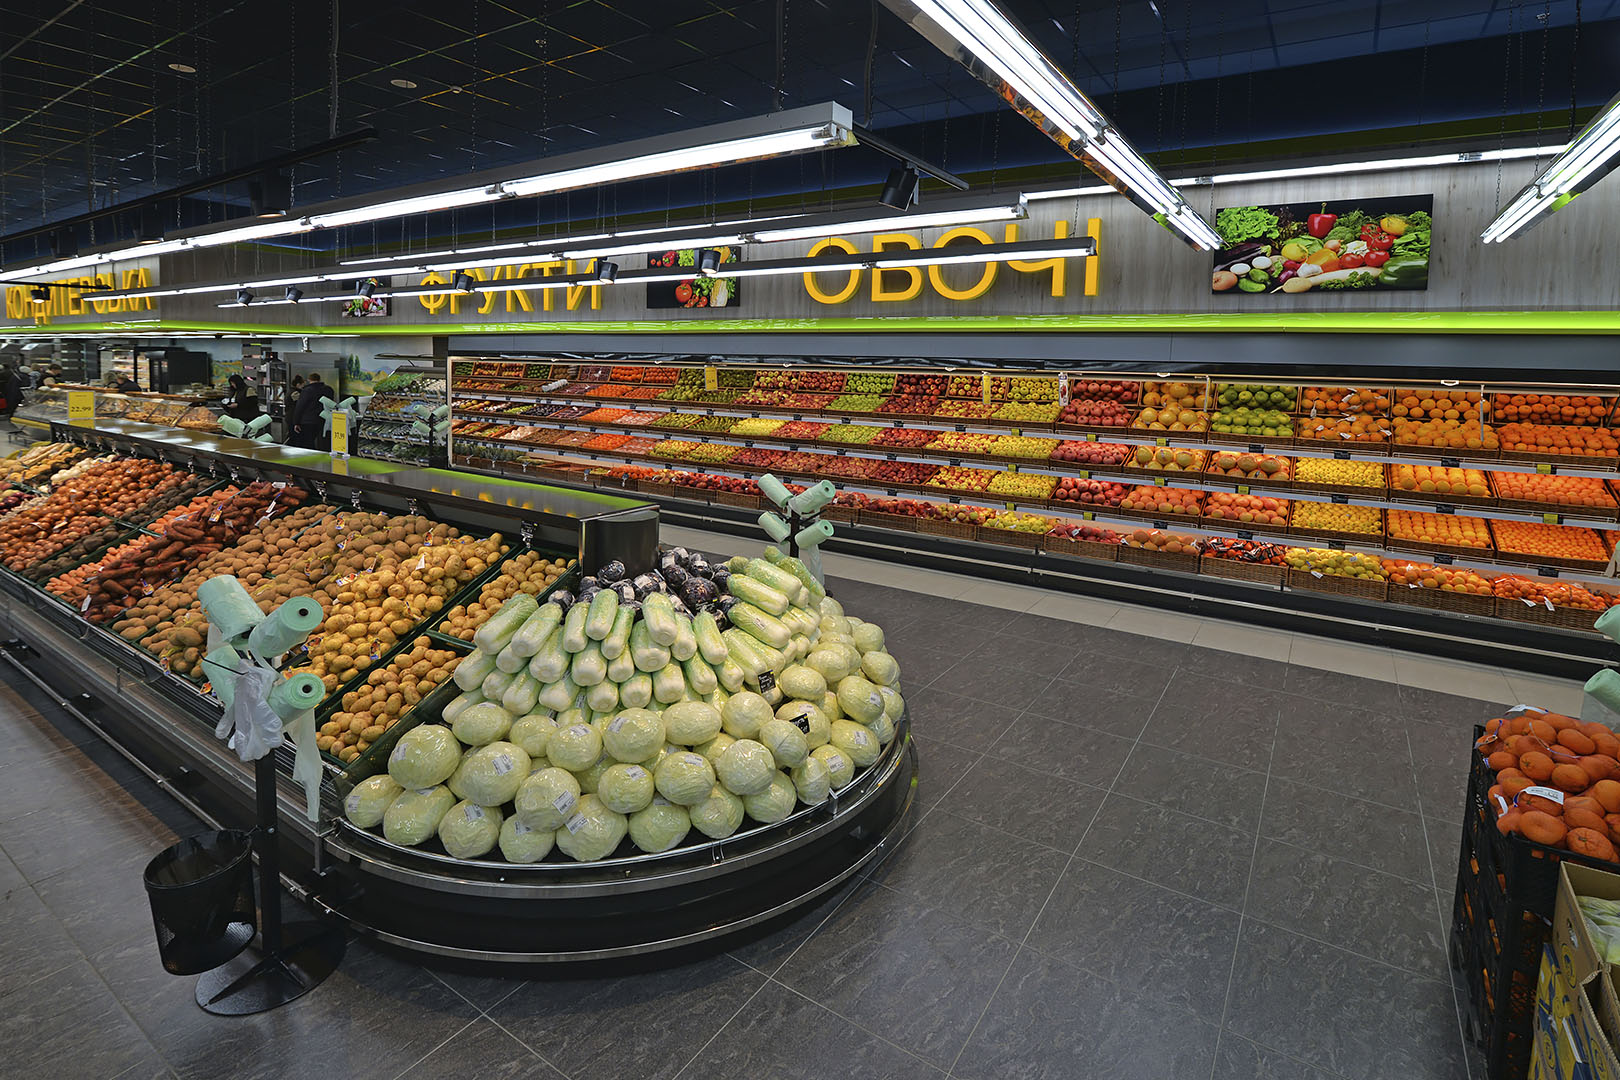 Специализированные витрины для продажи овощей и фруктов Louisiana VF MV 110 VF O 180-DLM, Indiana MV 100 FV O 220-DLM